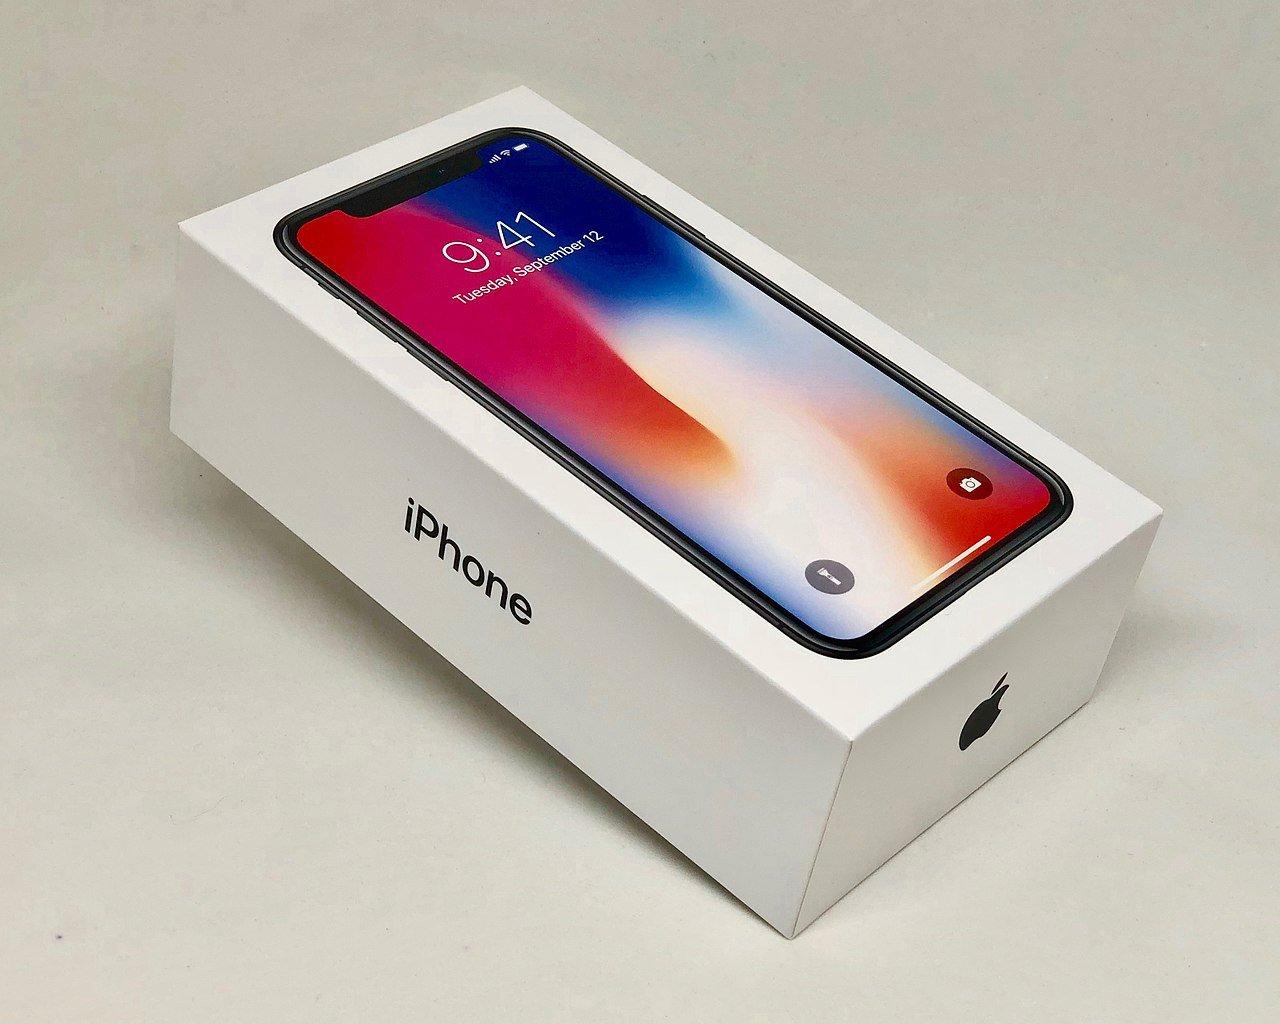 Стоимость iPhone X в Российской Федерации снизилась до60 тыс. руб. — Обвал цен